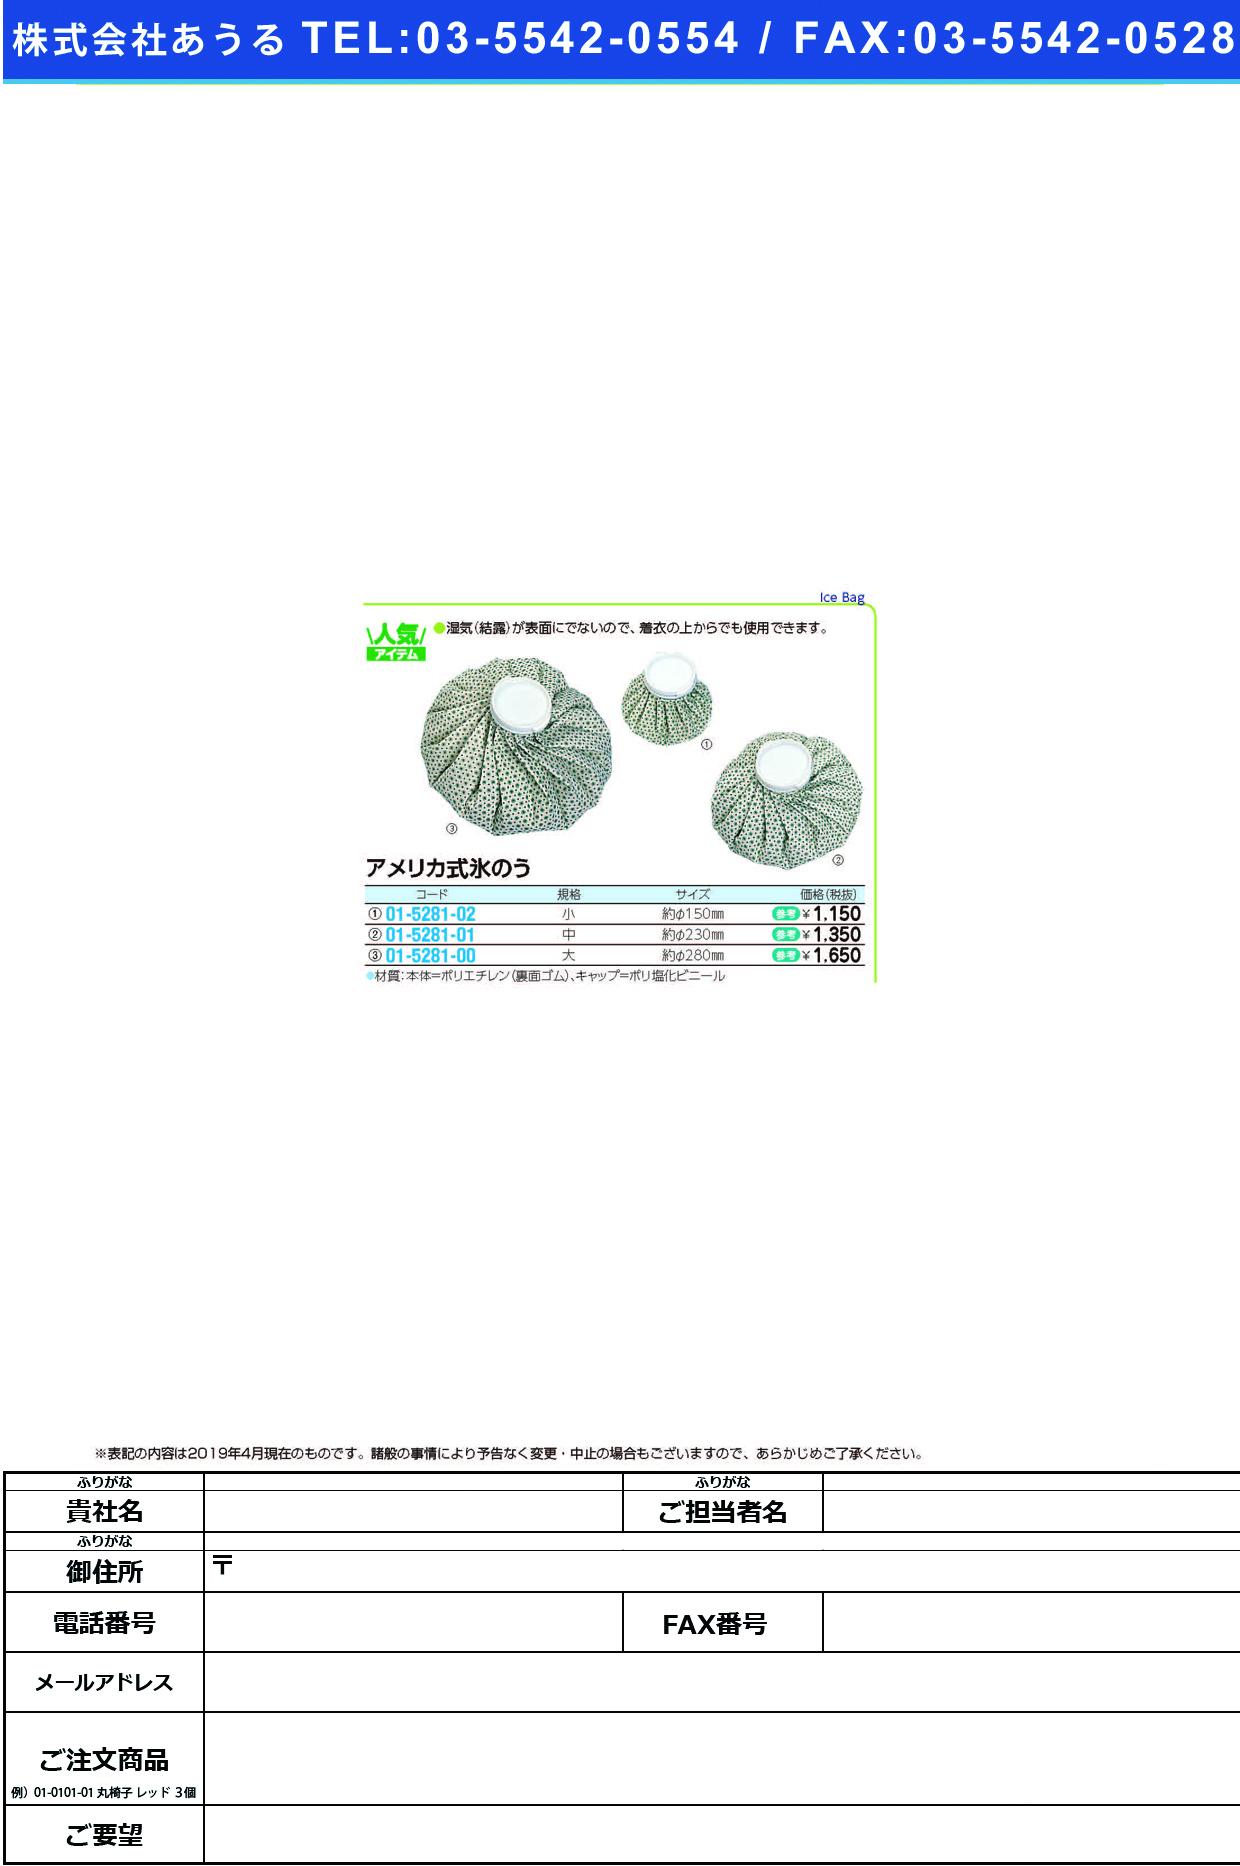 (01-5281-00)アメリカ式氷のう(大) 11インチ アメリカシキヒョウノウ(ダイ)【1個単位】【2019年カタログ商品】